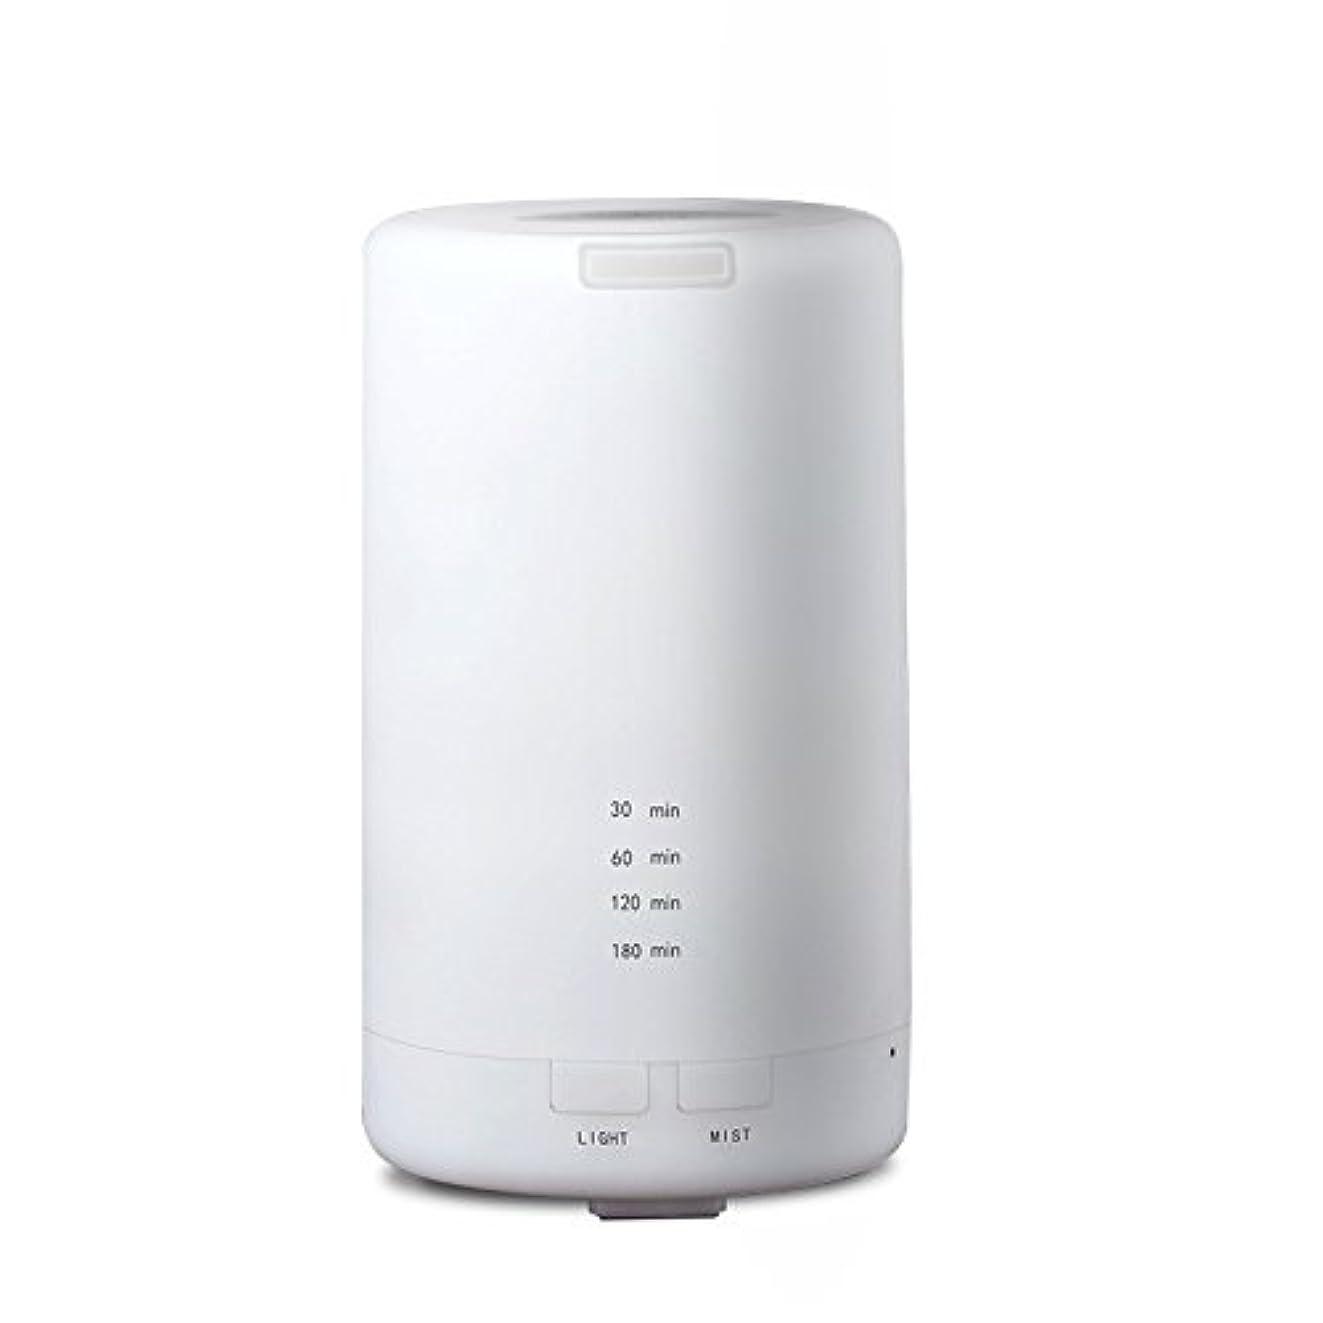 バーガー説教便宜RaiFu アロマディフューザー 70ml 加湿器 アロマテラピー浄化器 3タイマーモード LEDナイトライト USB充電